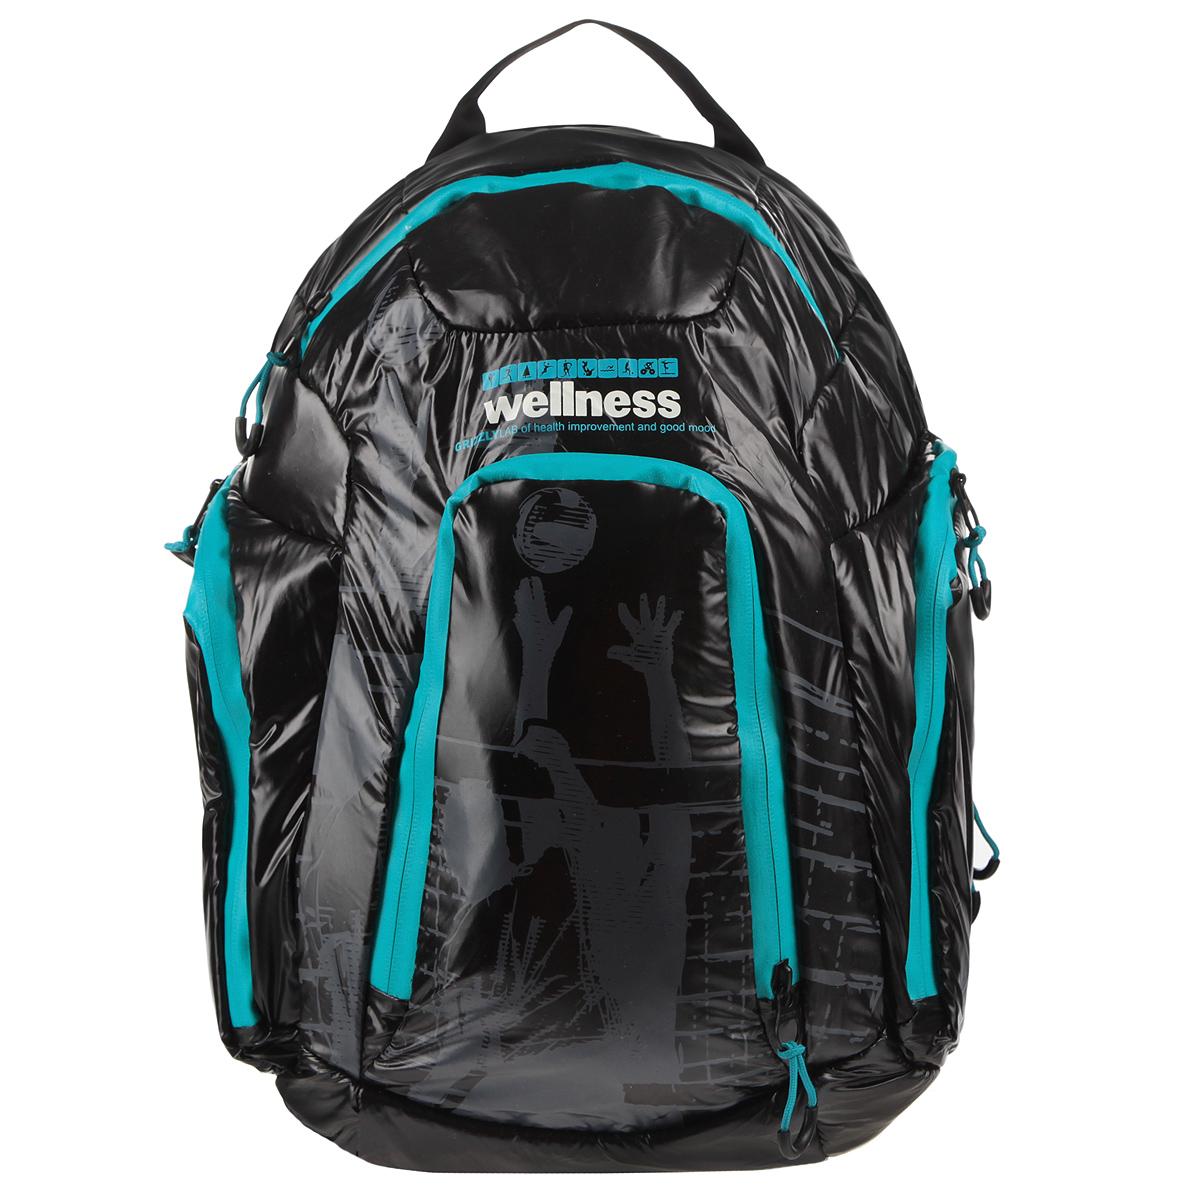 Школьный ранец Grizzly, цвет: синий, черный. RU-417-1/372523WDСтильный молодежный рюкзак Grizzly выполнен из нейлона черного цвета и оформлен оригинальным принтом. Рюкзак оснащен одним большим отделением, закрывающимся на застежку-молнию. На передней стенке расположено 2 кармана, закрывающихся на застежки-молнии. По бокам 2 объемных кармана с застежками-молниями. Внутри расположен карман. Рюкзак оснащен лямками, мягкой спинкой и текстильной ручкой для удобной переноски.